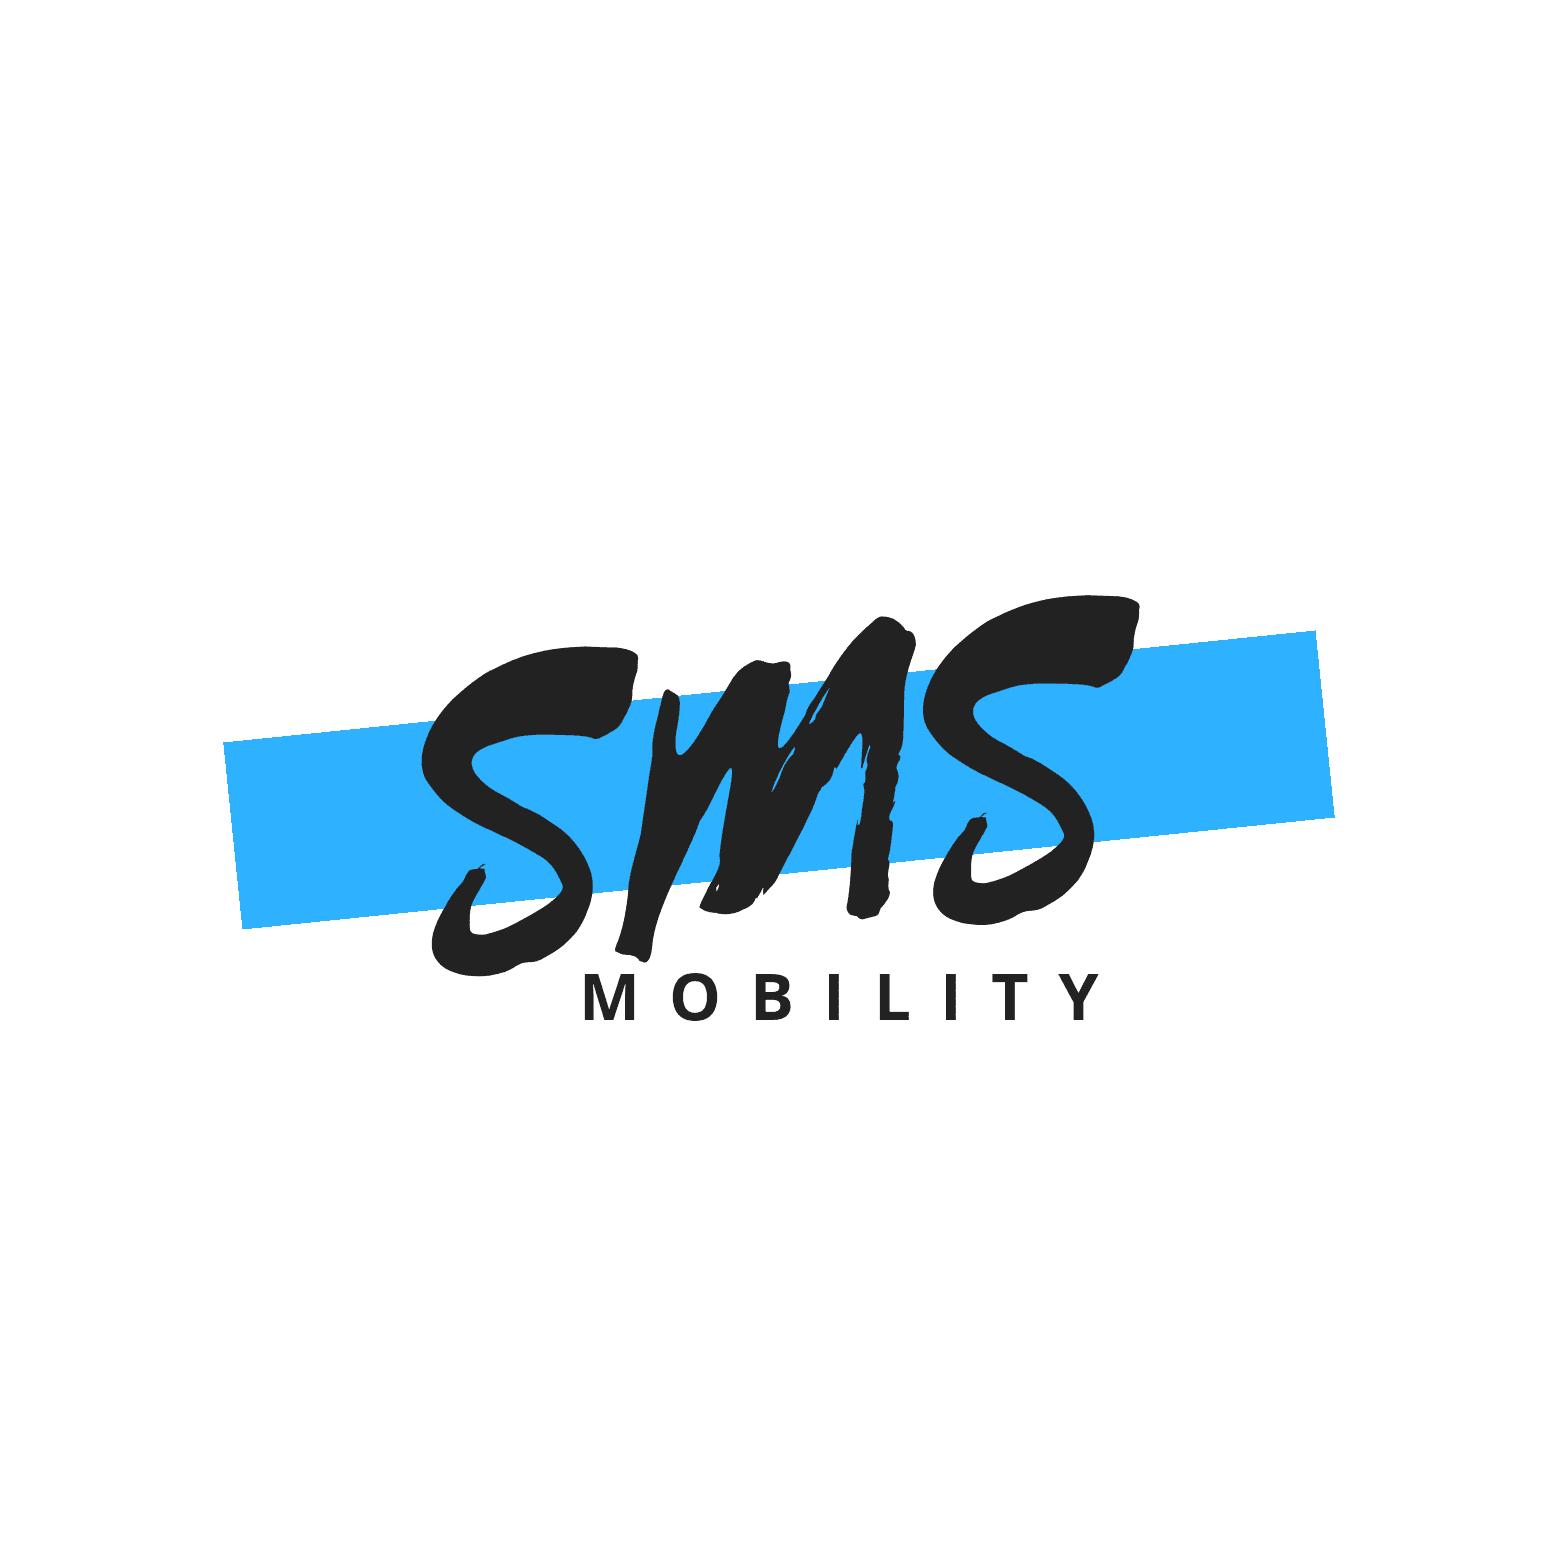 SMS Mobility - Blackpool, Lancashire FY1 1DE - 07753 415845 | ShowMeLocal.com